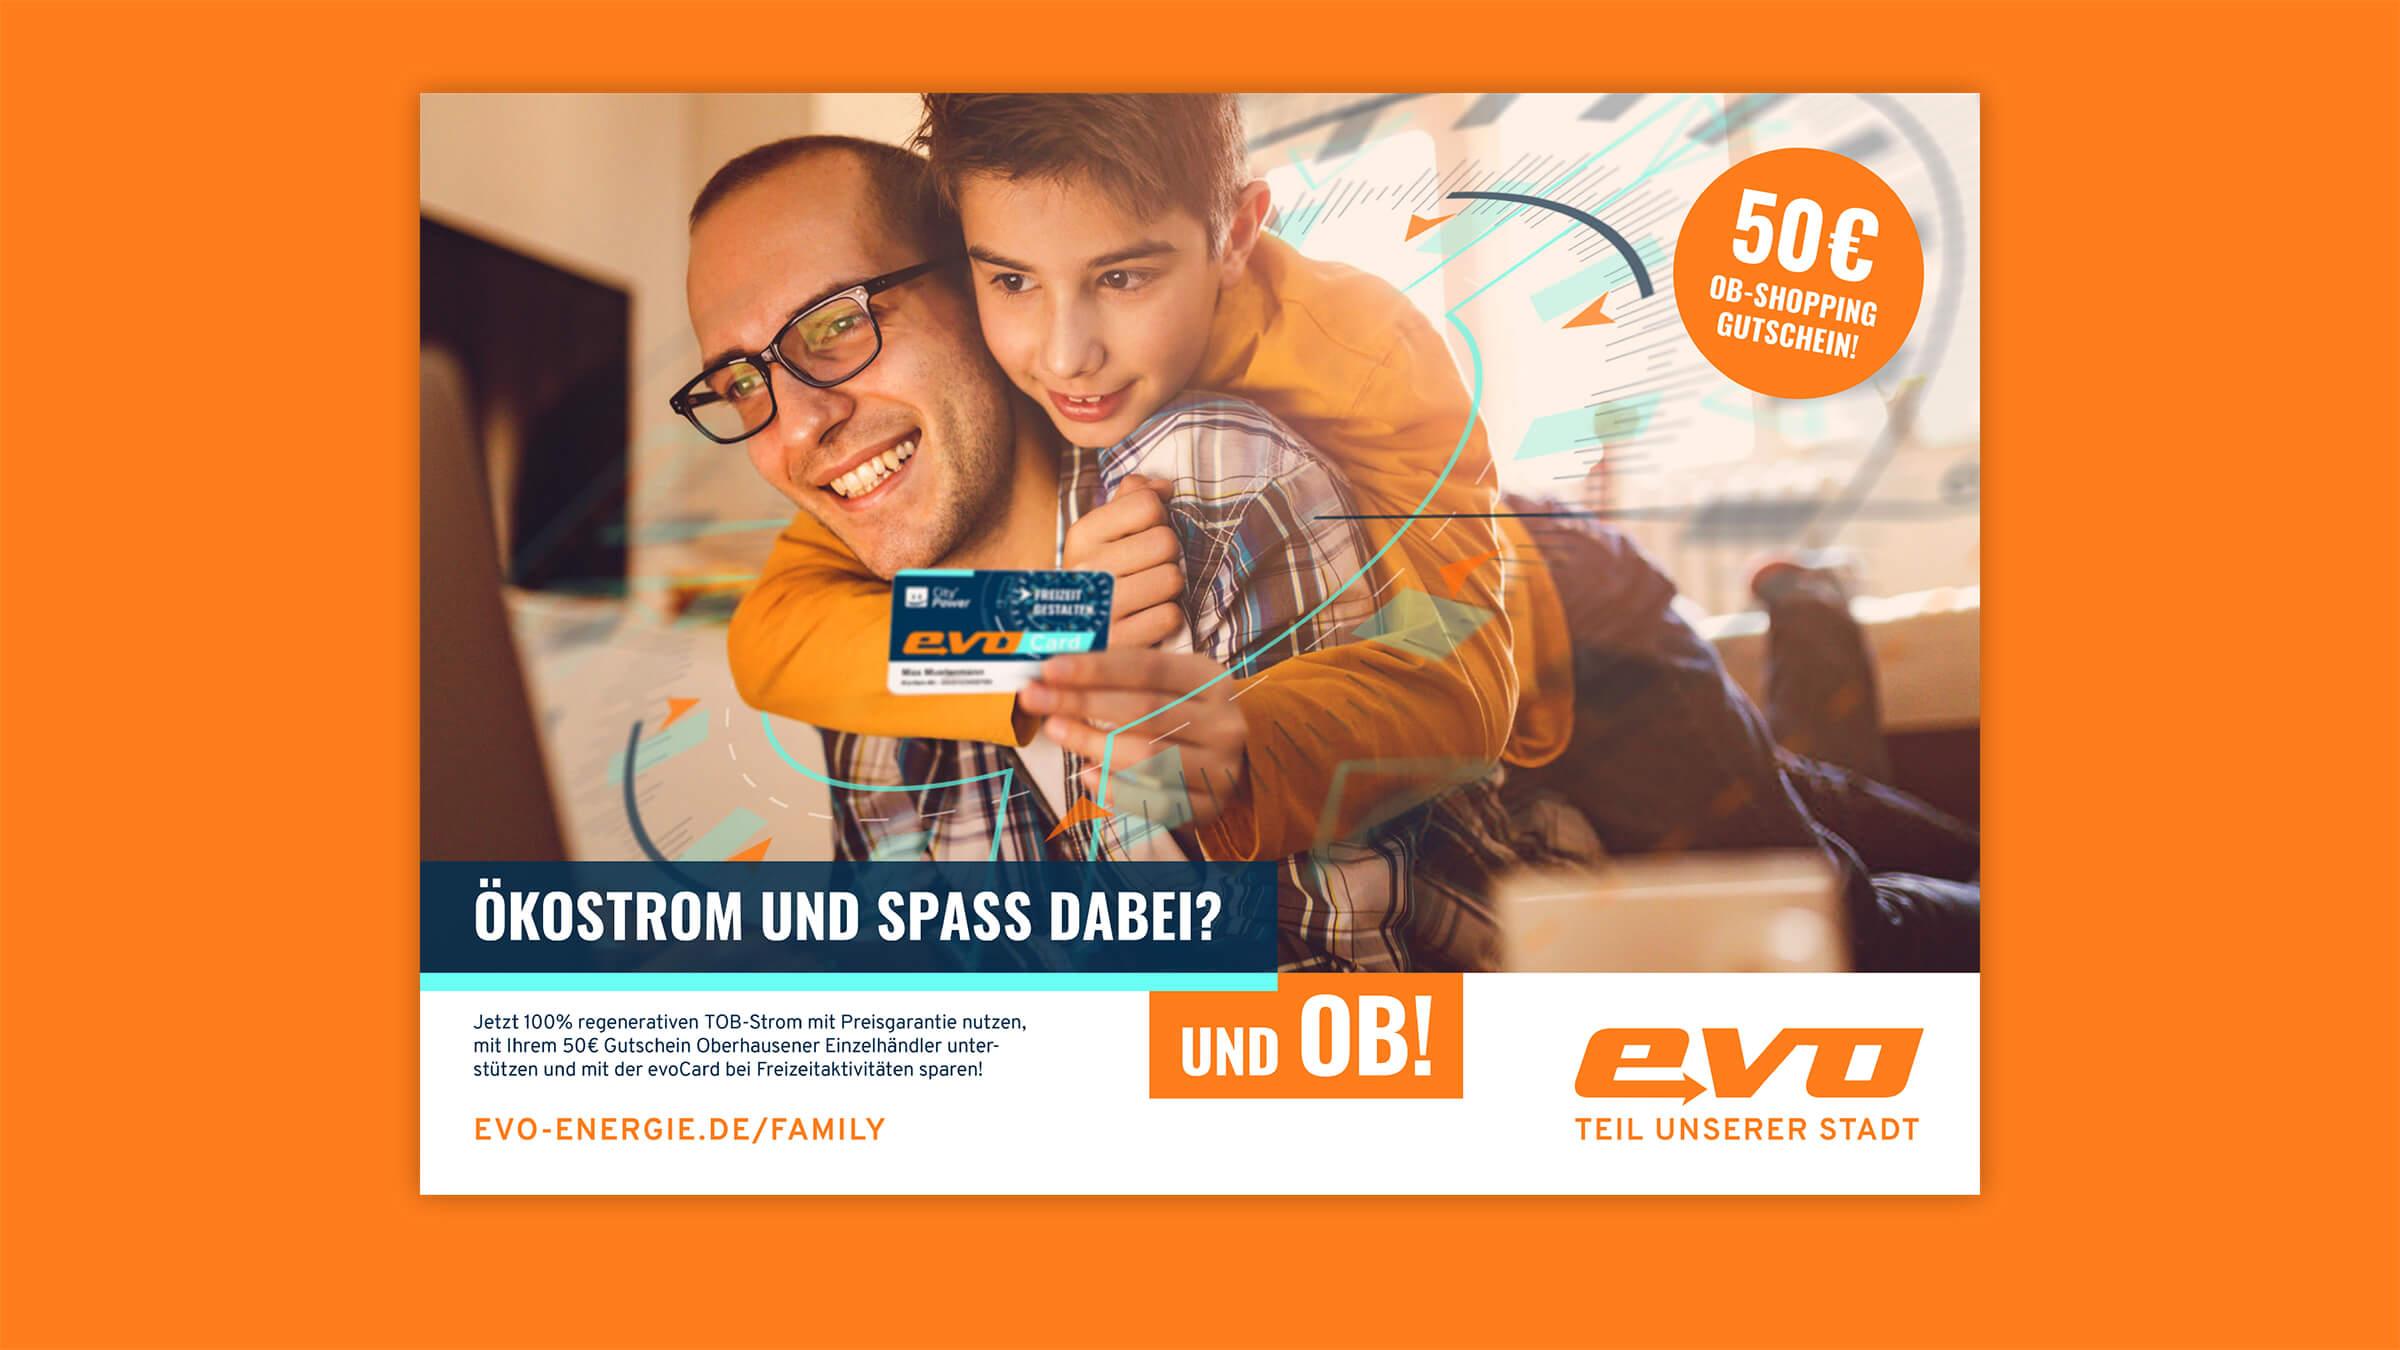 Plakatmotiv der Imagekampagne für Energie-Privatkunden